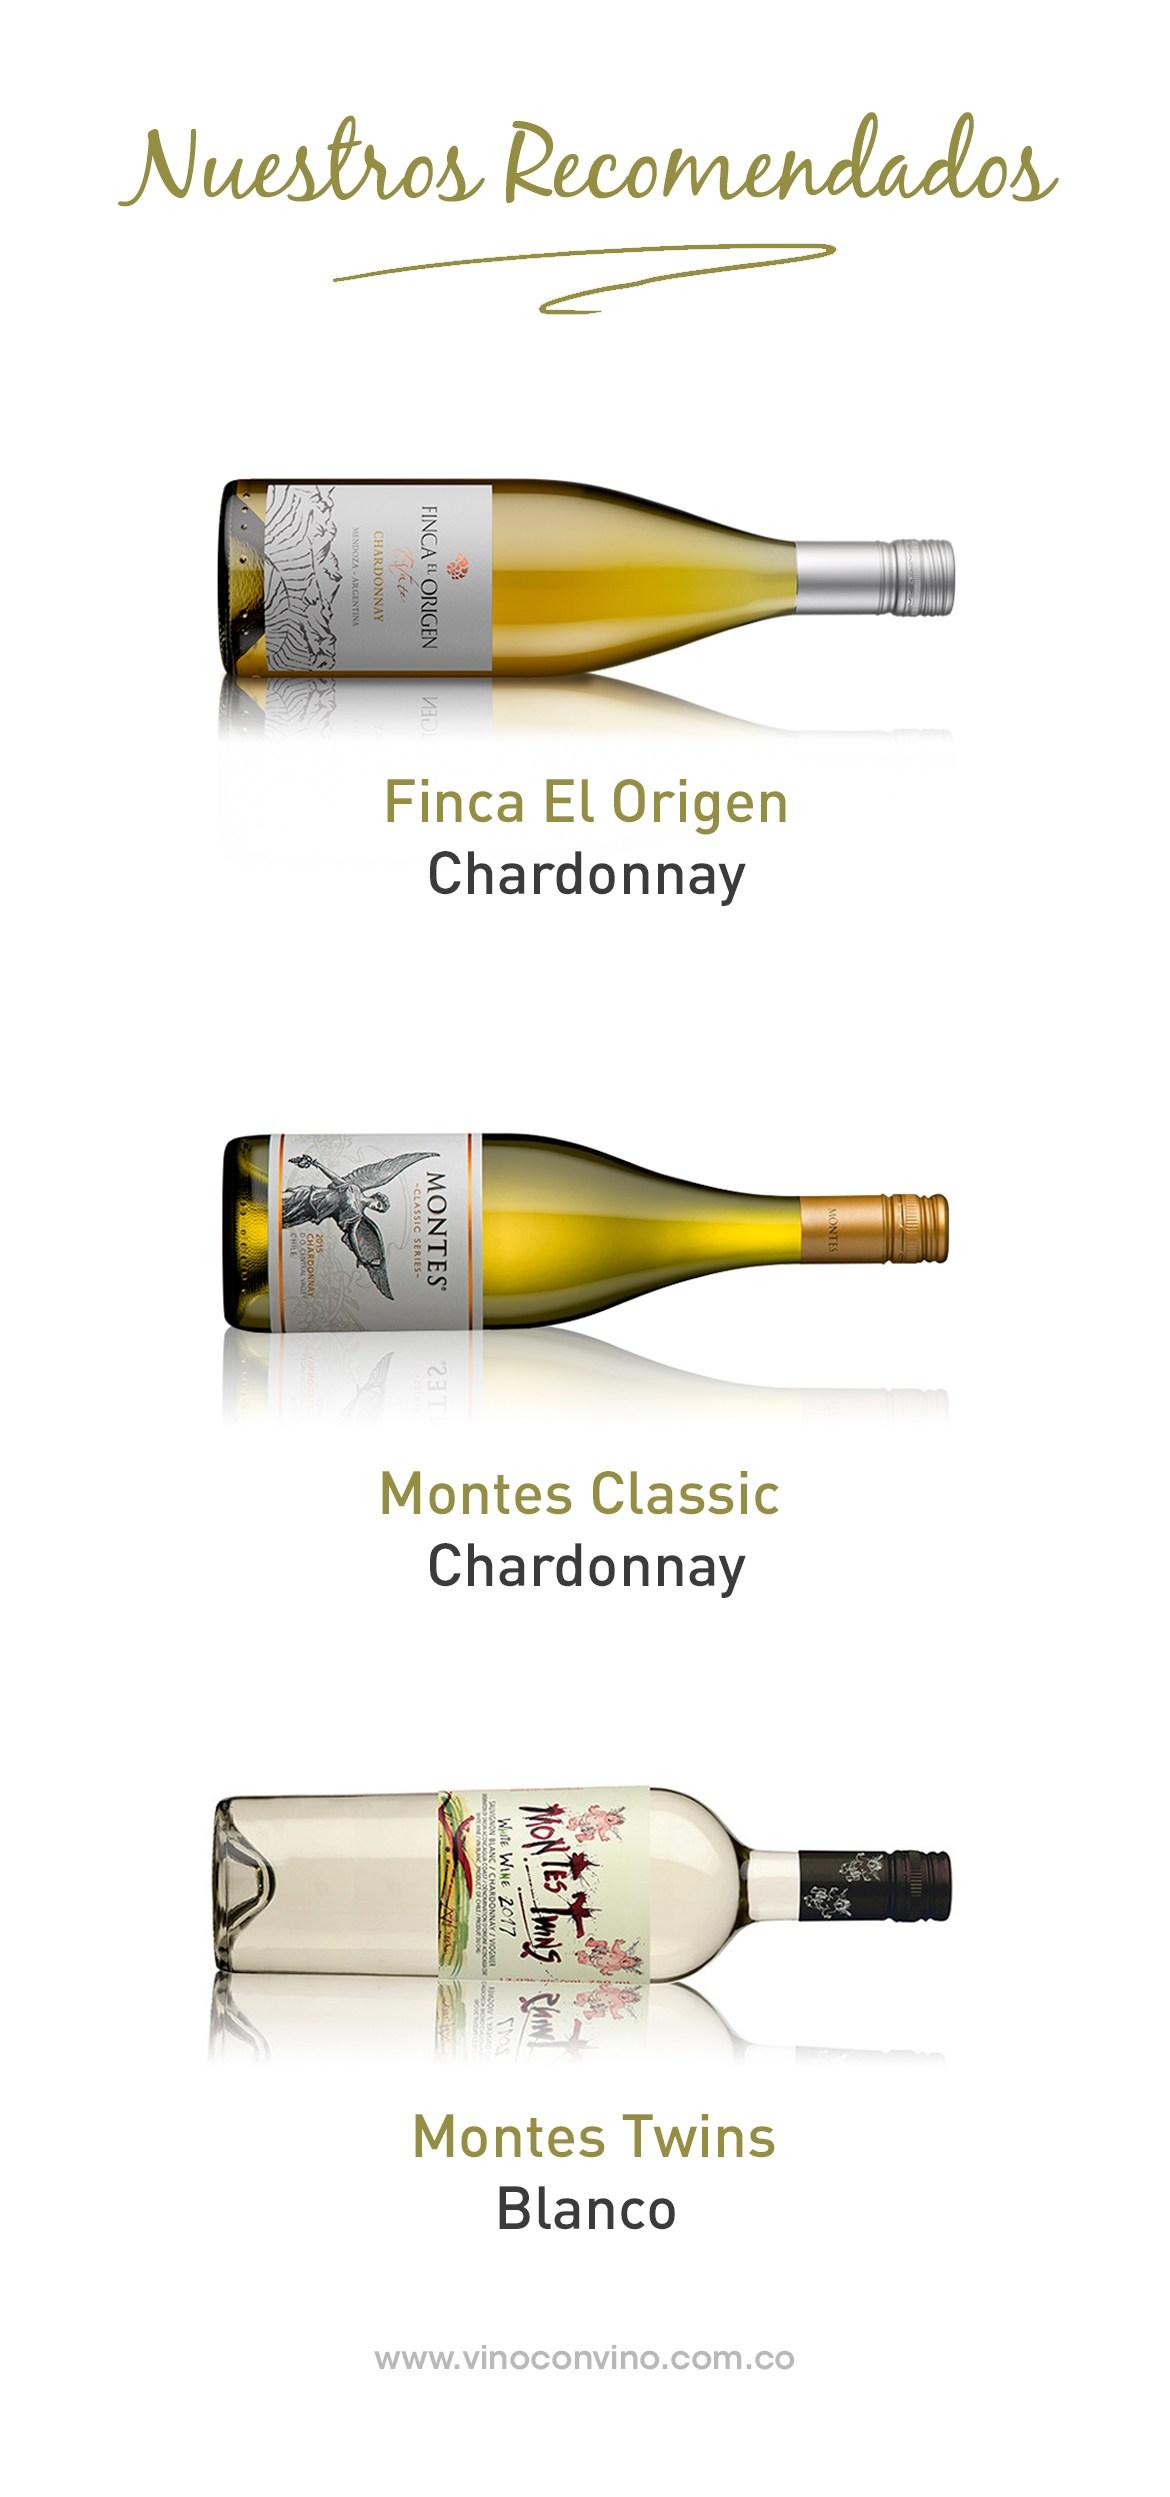 Vinos Chardonnay que tienes que probar